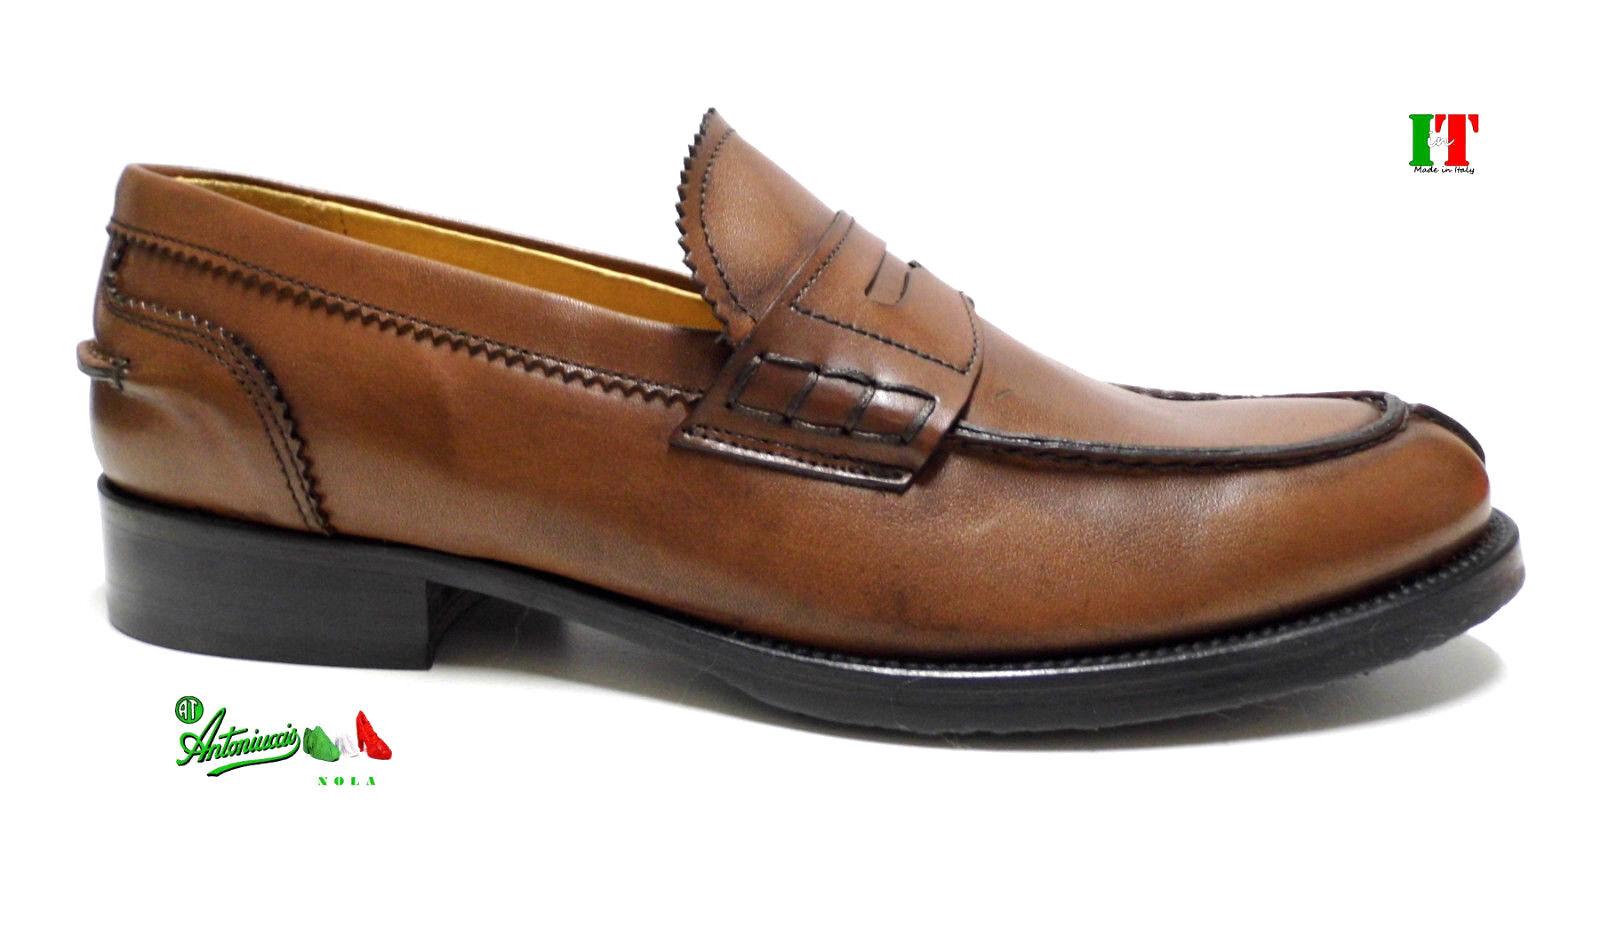 Scarpe trendy uomo mocassini marrone college VERA PELLE MADEinITALY 380 marrone mocassini italiane e406a2